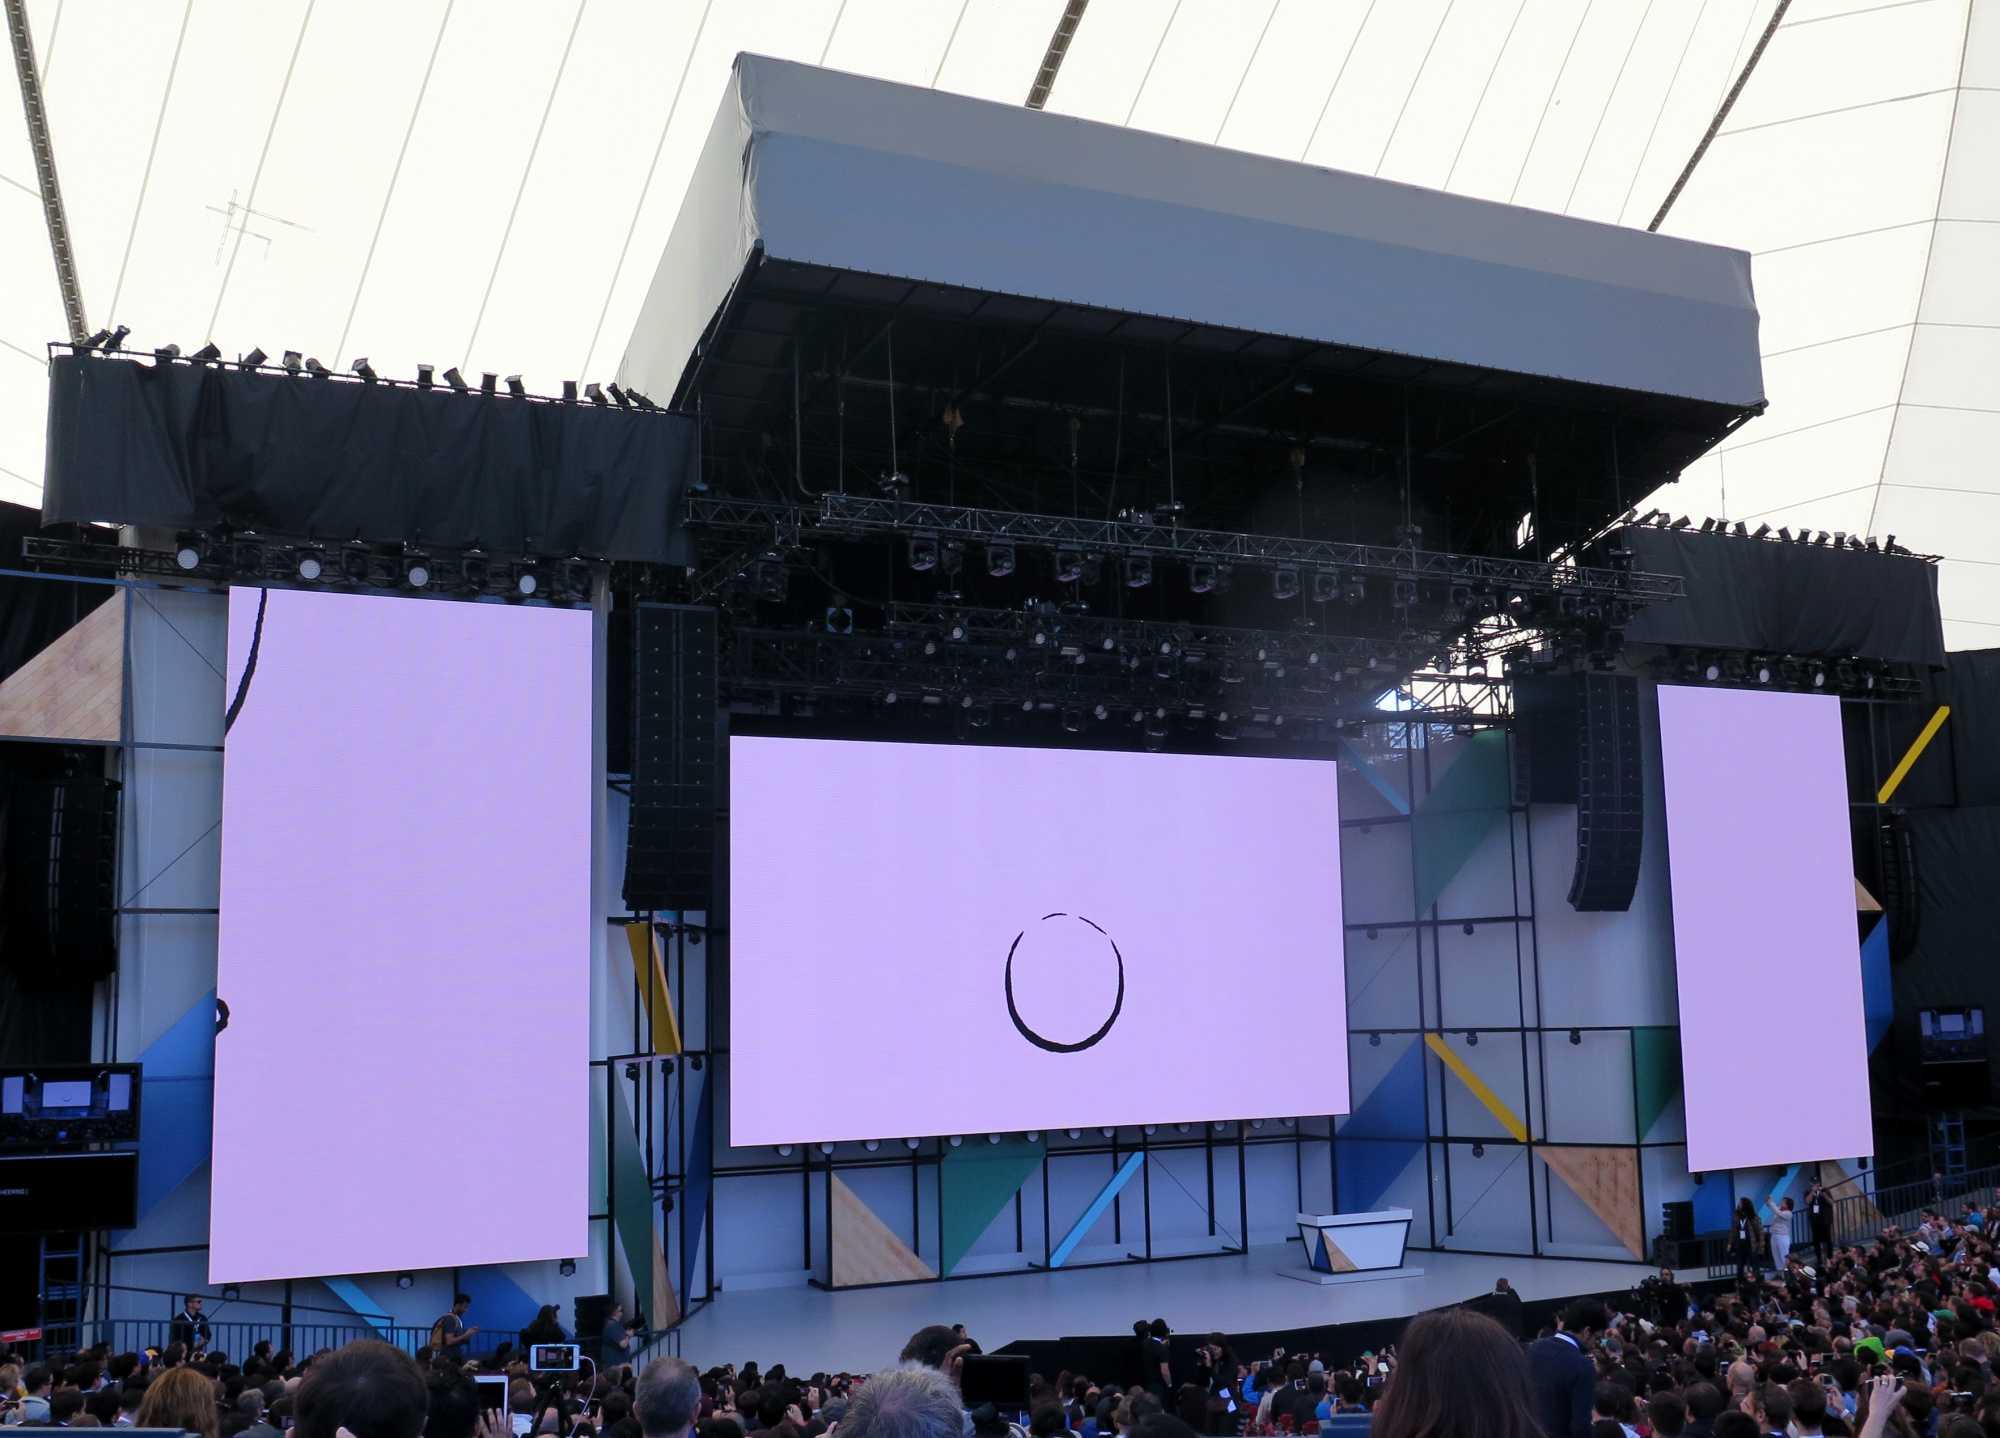 Bühne mit einem großen O auf einer großen Leinwand